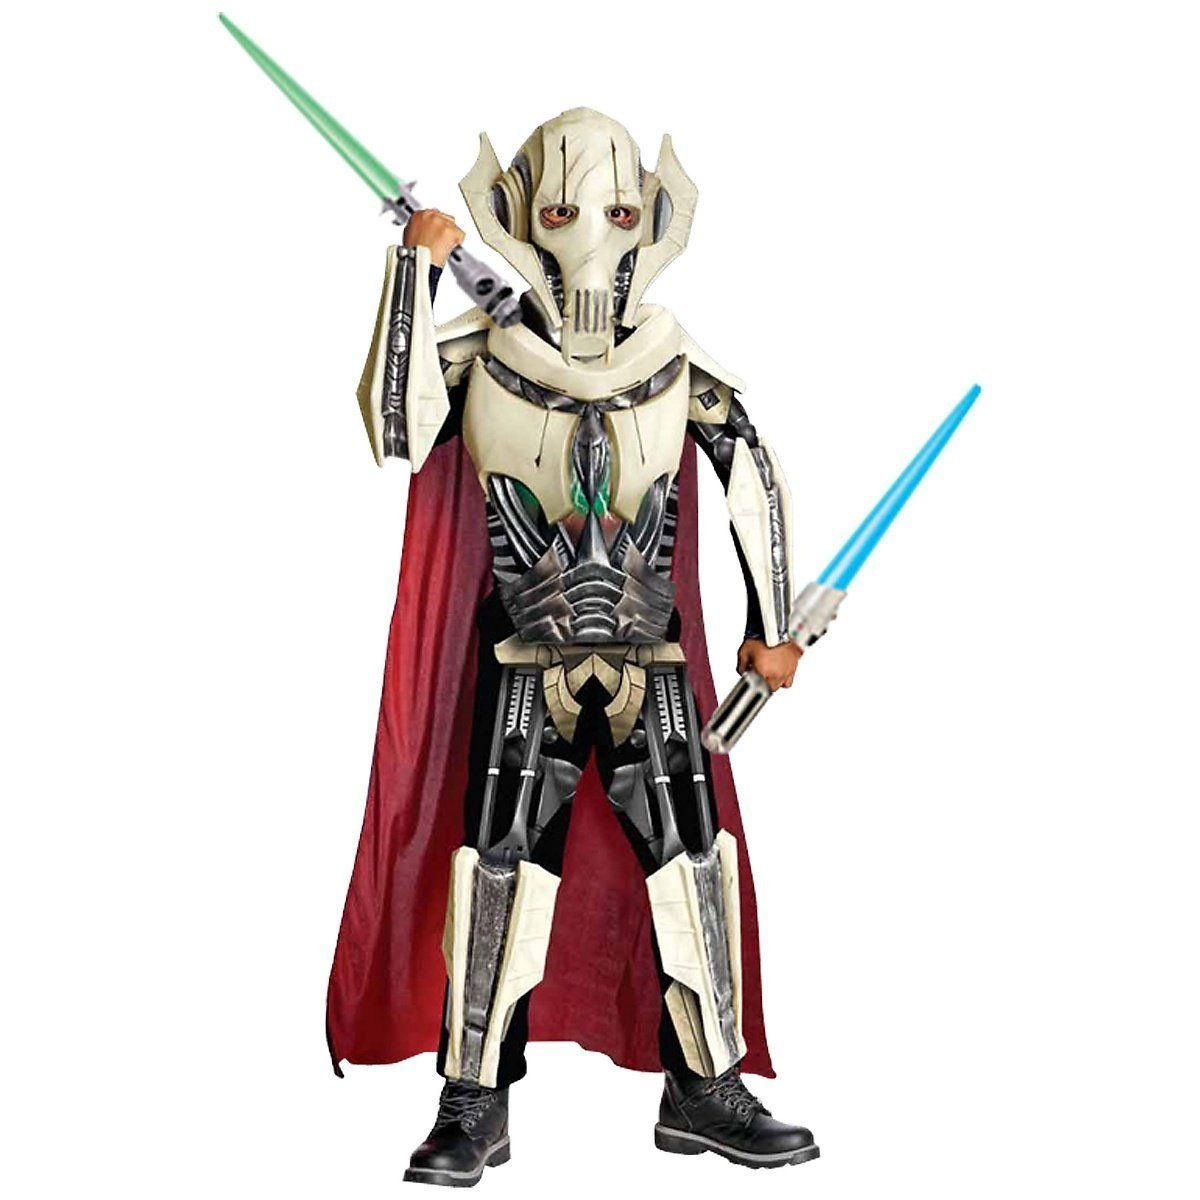 Rubies Costume Co R884521 M Jungen Deluxe Star Wars General Grievous Kost M Medium Amazon De Baby Star Wars Halloween Kinder Kostum Halloween Kinderkostume